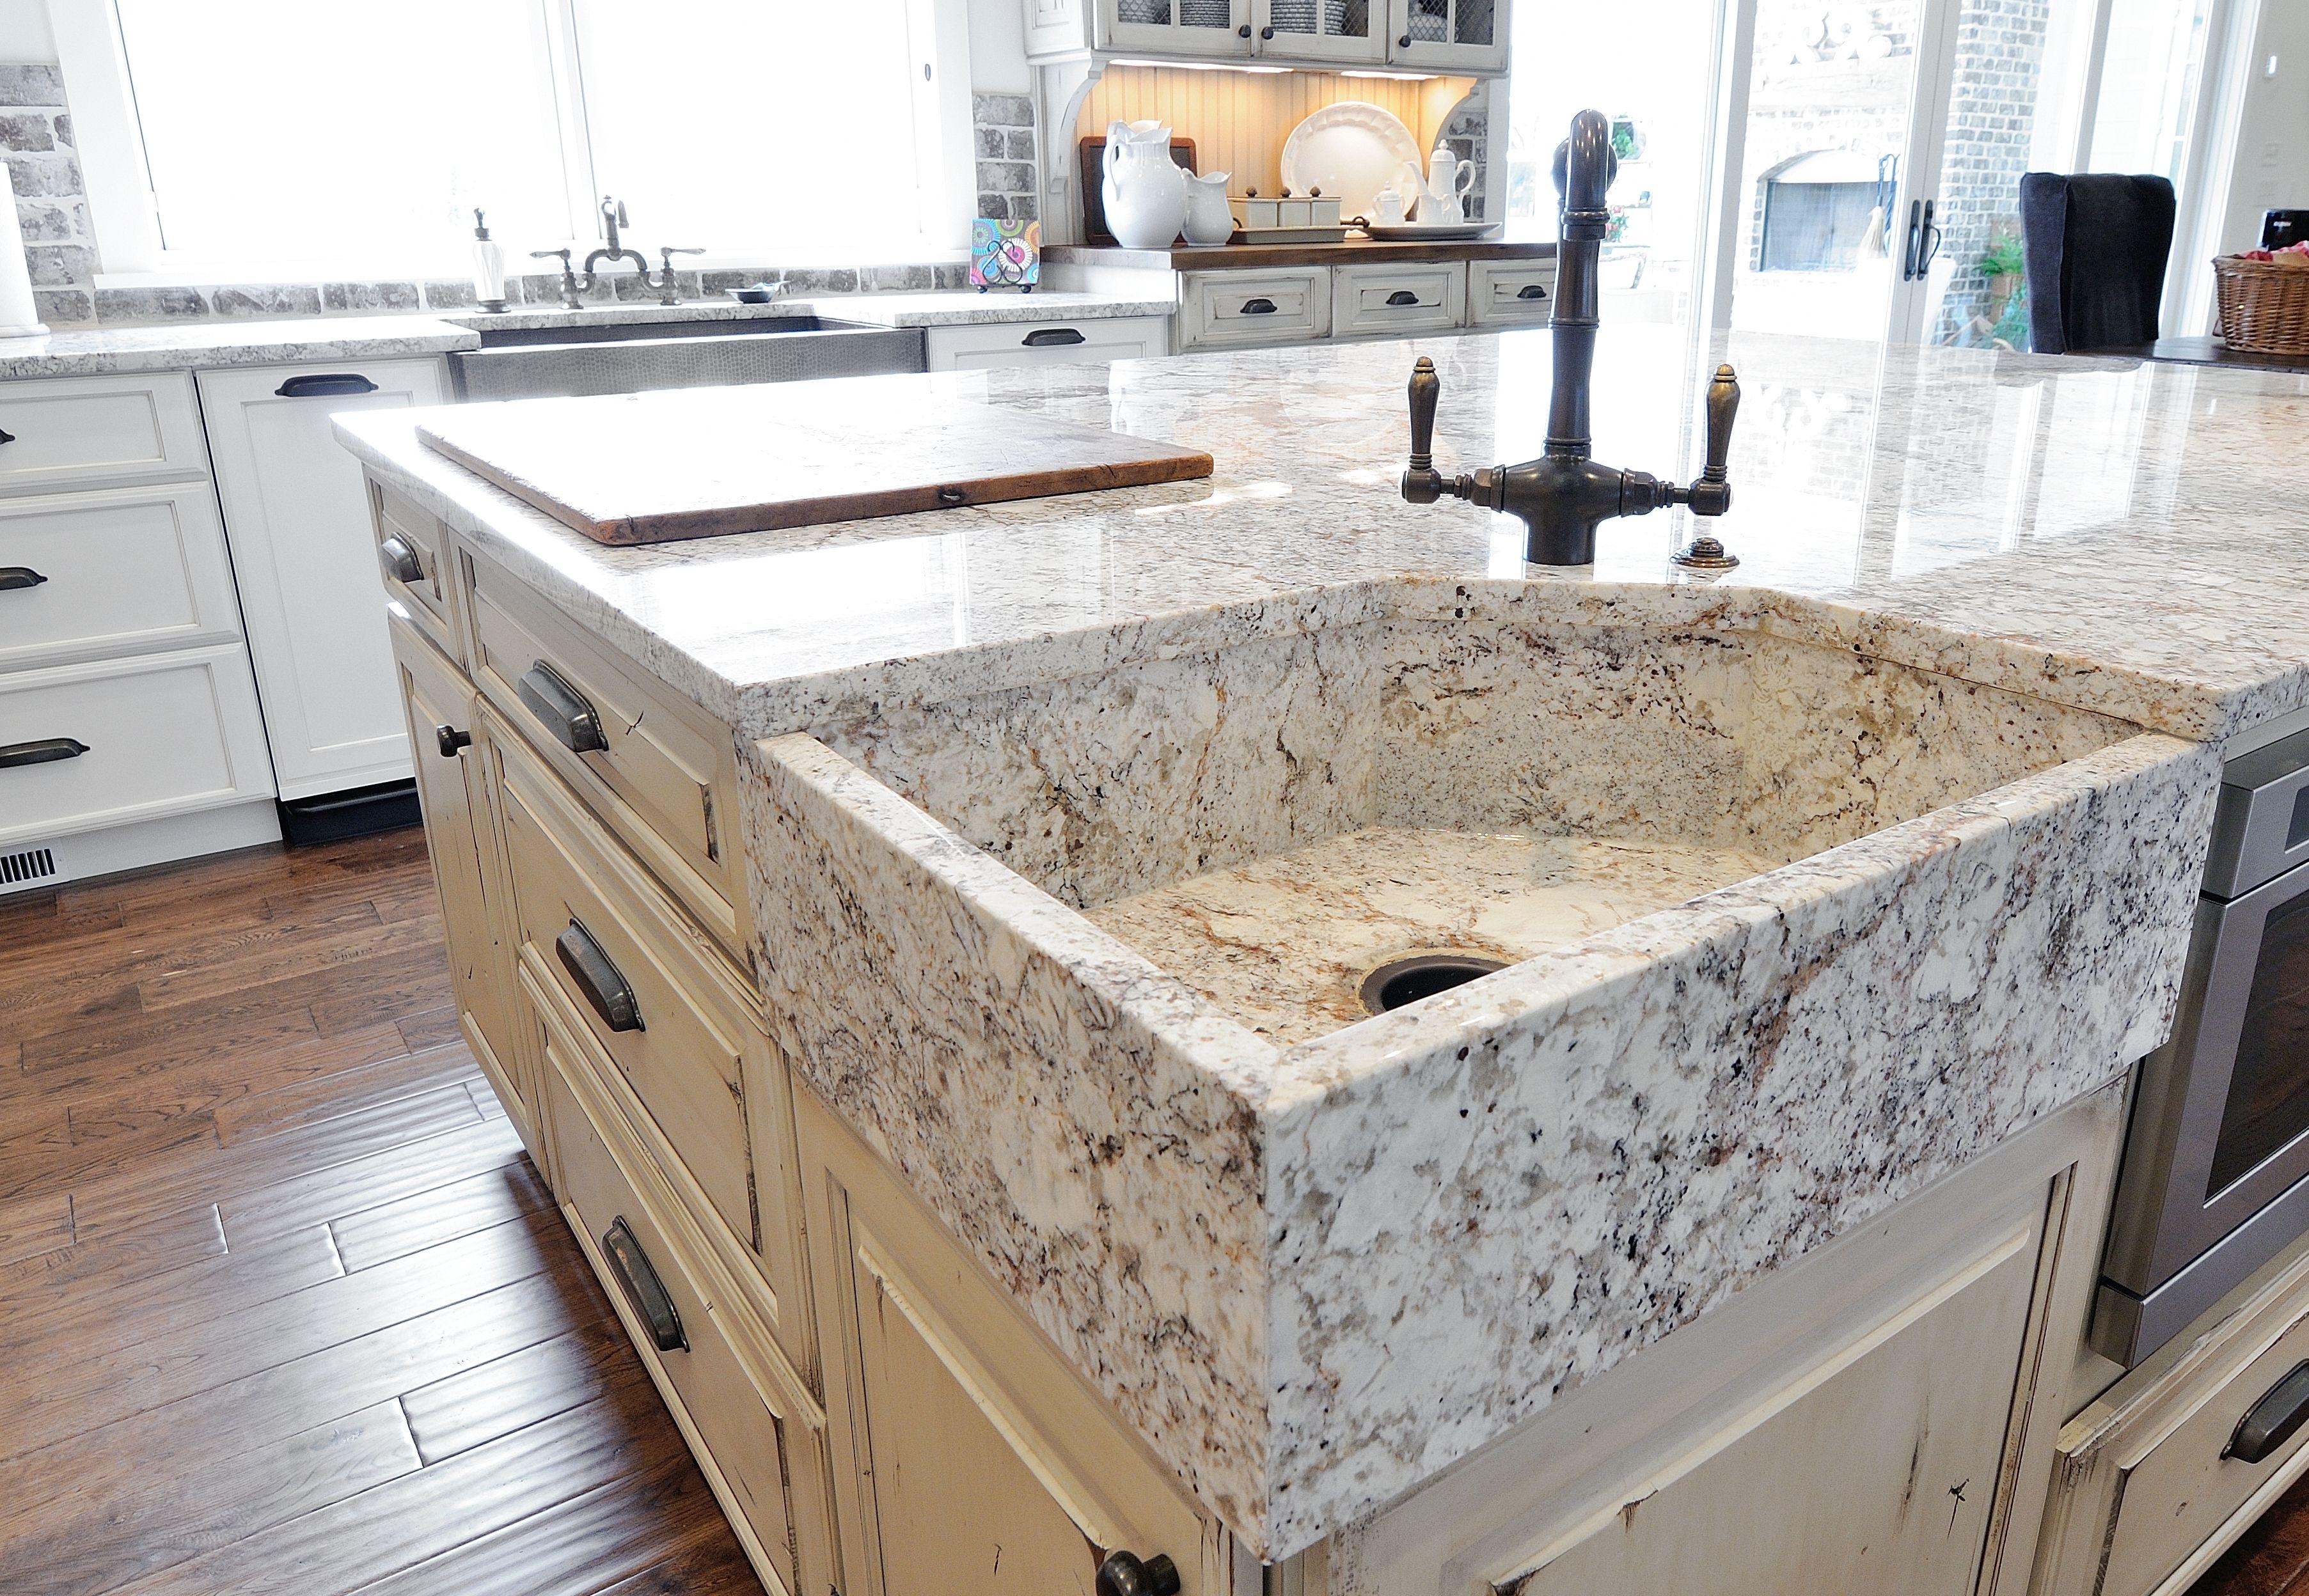 Pin Von Construction Resources Auf Cr Products Installations Granit Kuche Kuchen Granitarbeitsplatten Kuchenumbau